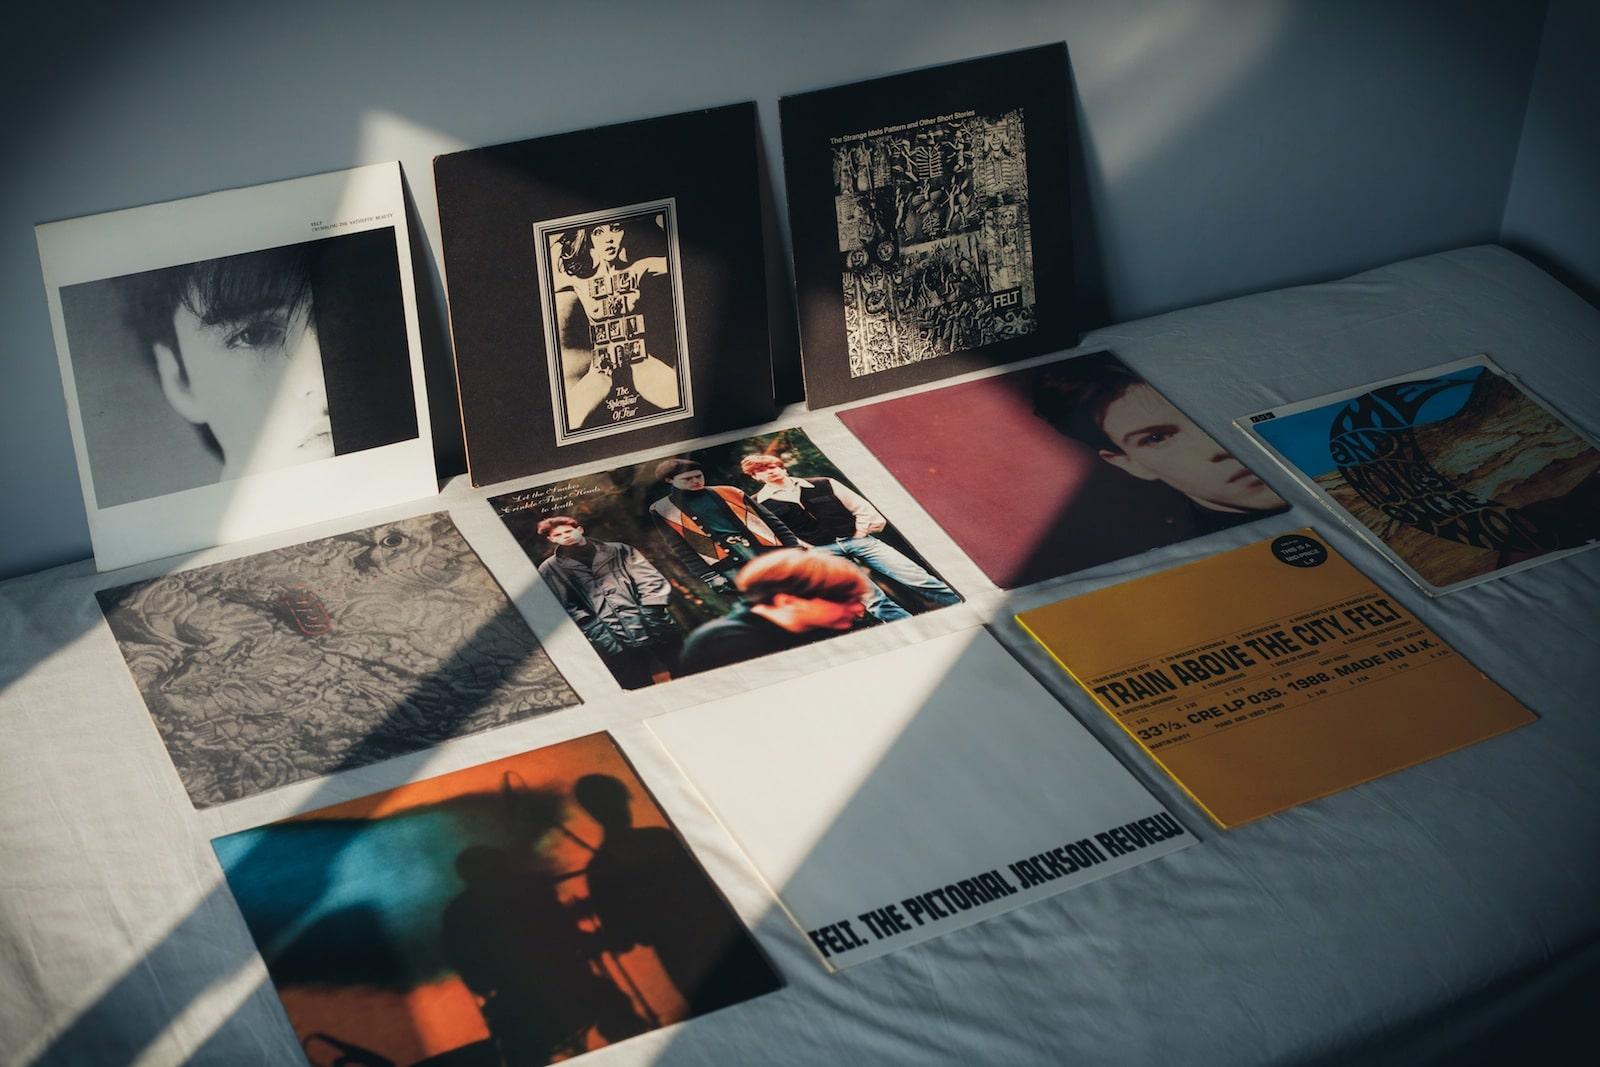 Felt Vinyl Records